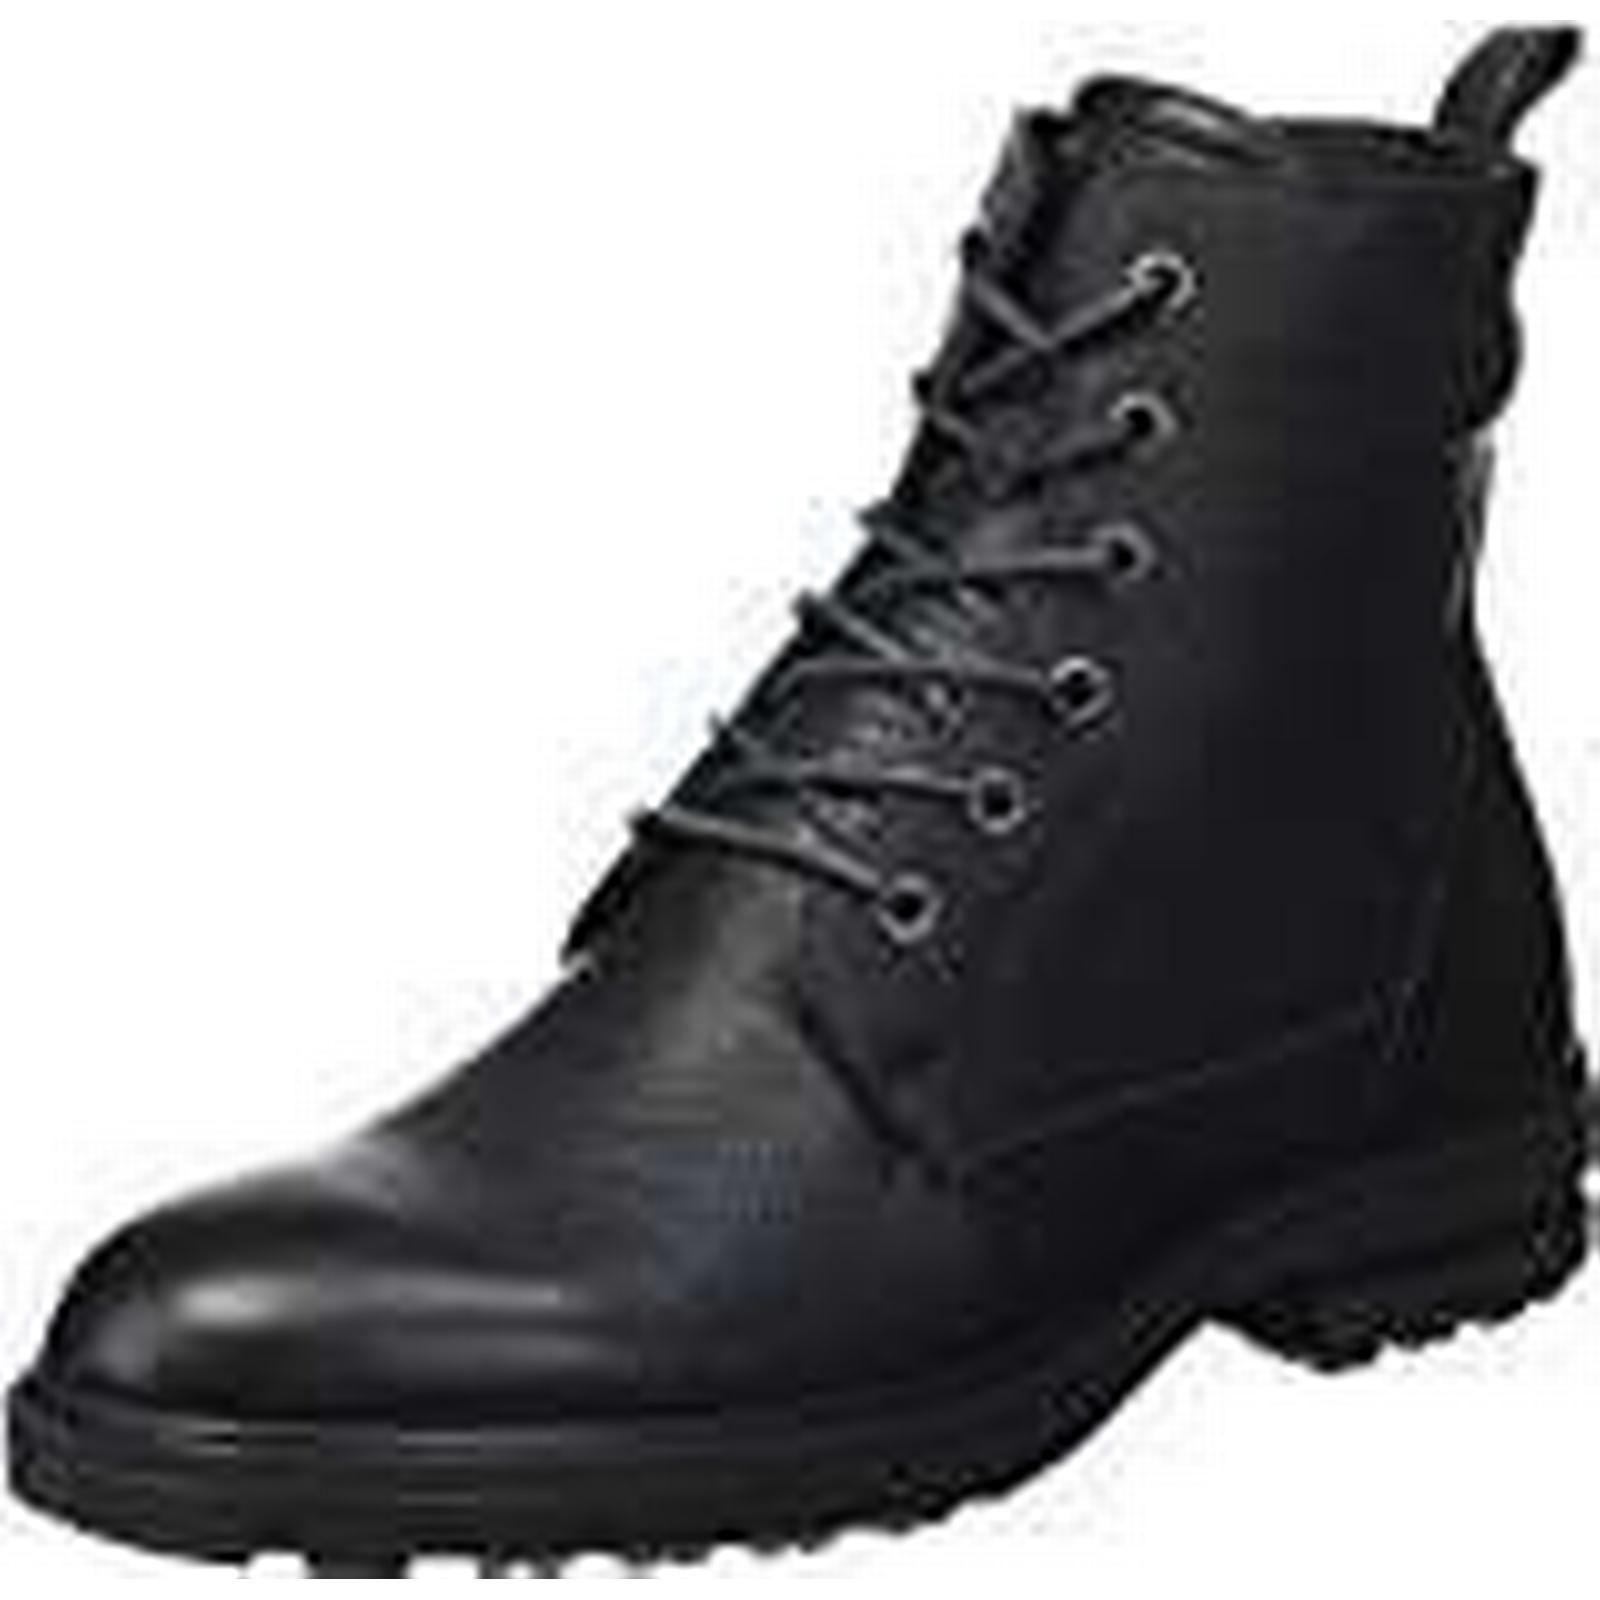 ECCO EU Women's Zoe Combat Boots, Black (Black/black), 40 M EU ECCO / 9-9.5 B(M) US f11e22